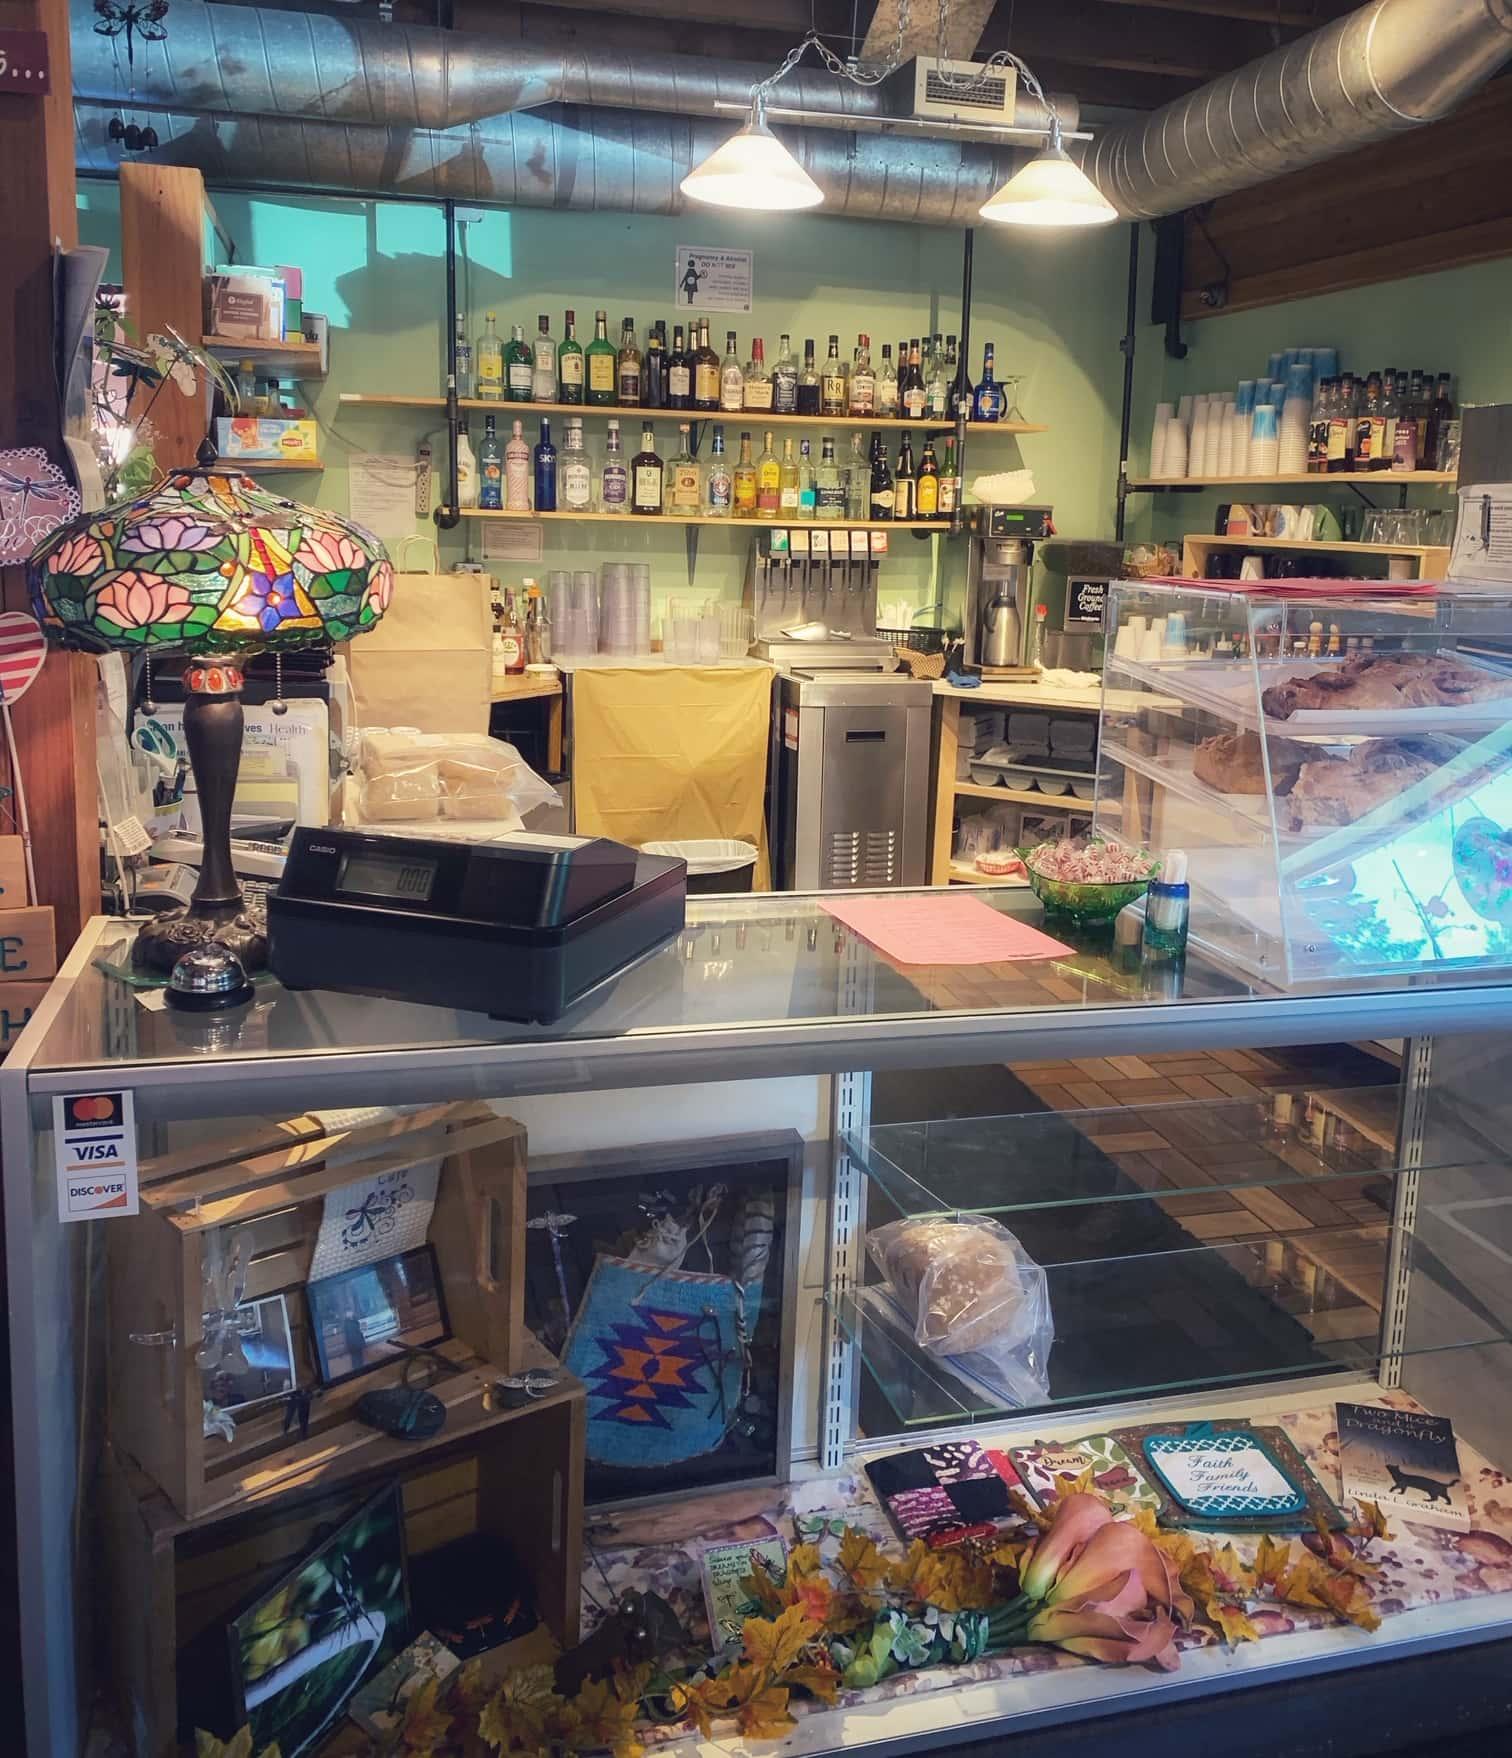 dragonfly cafe mt hood village